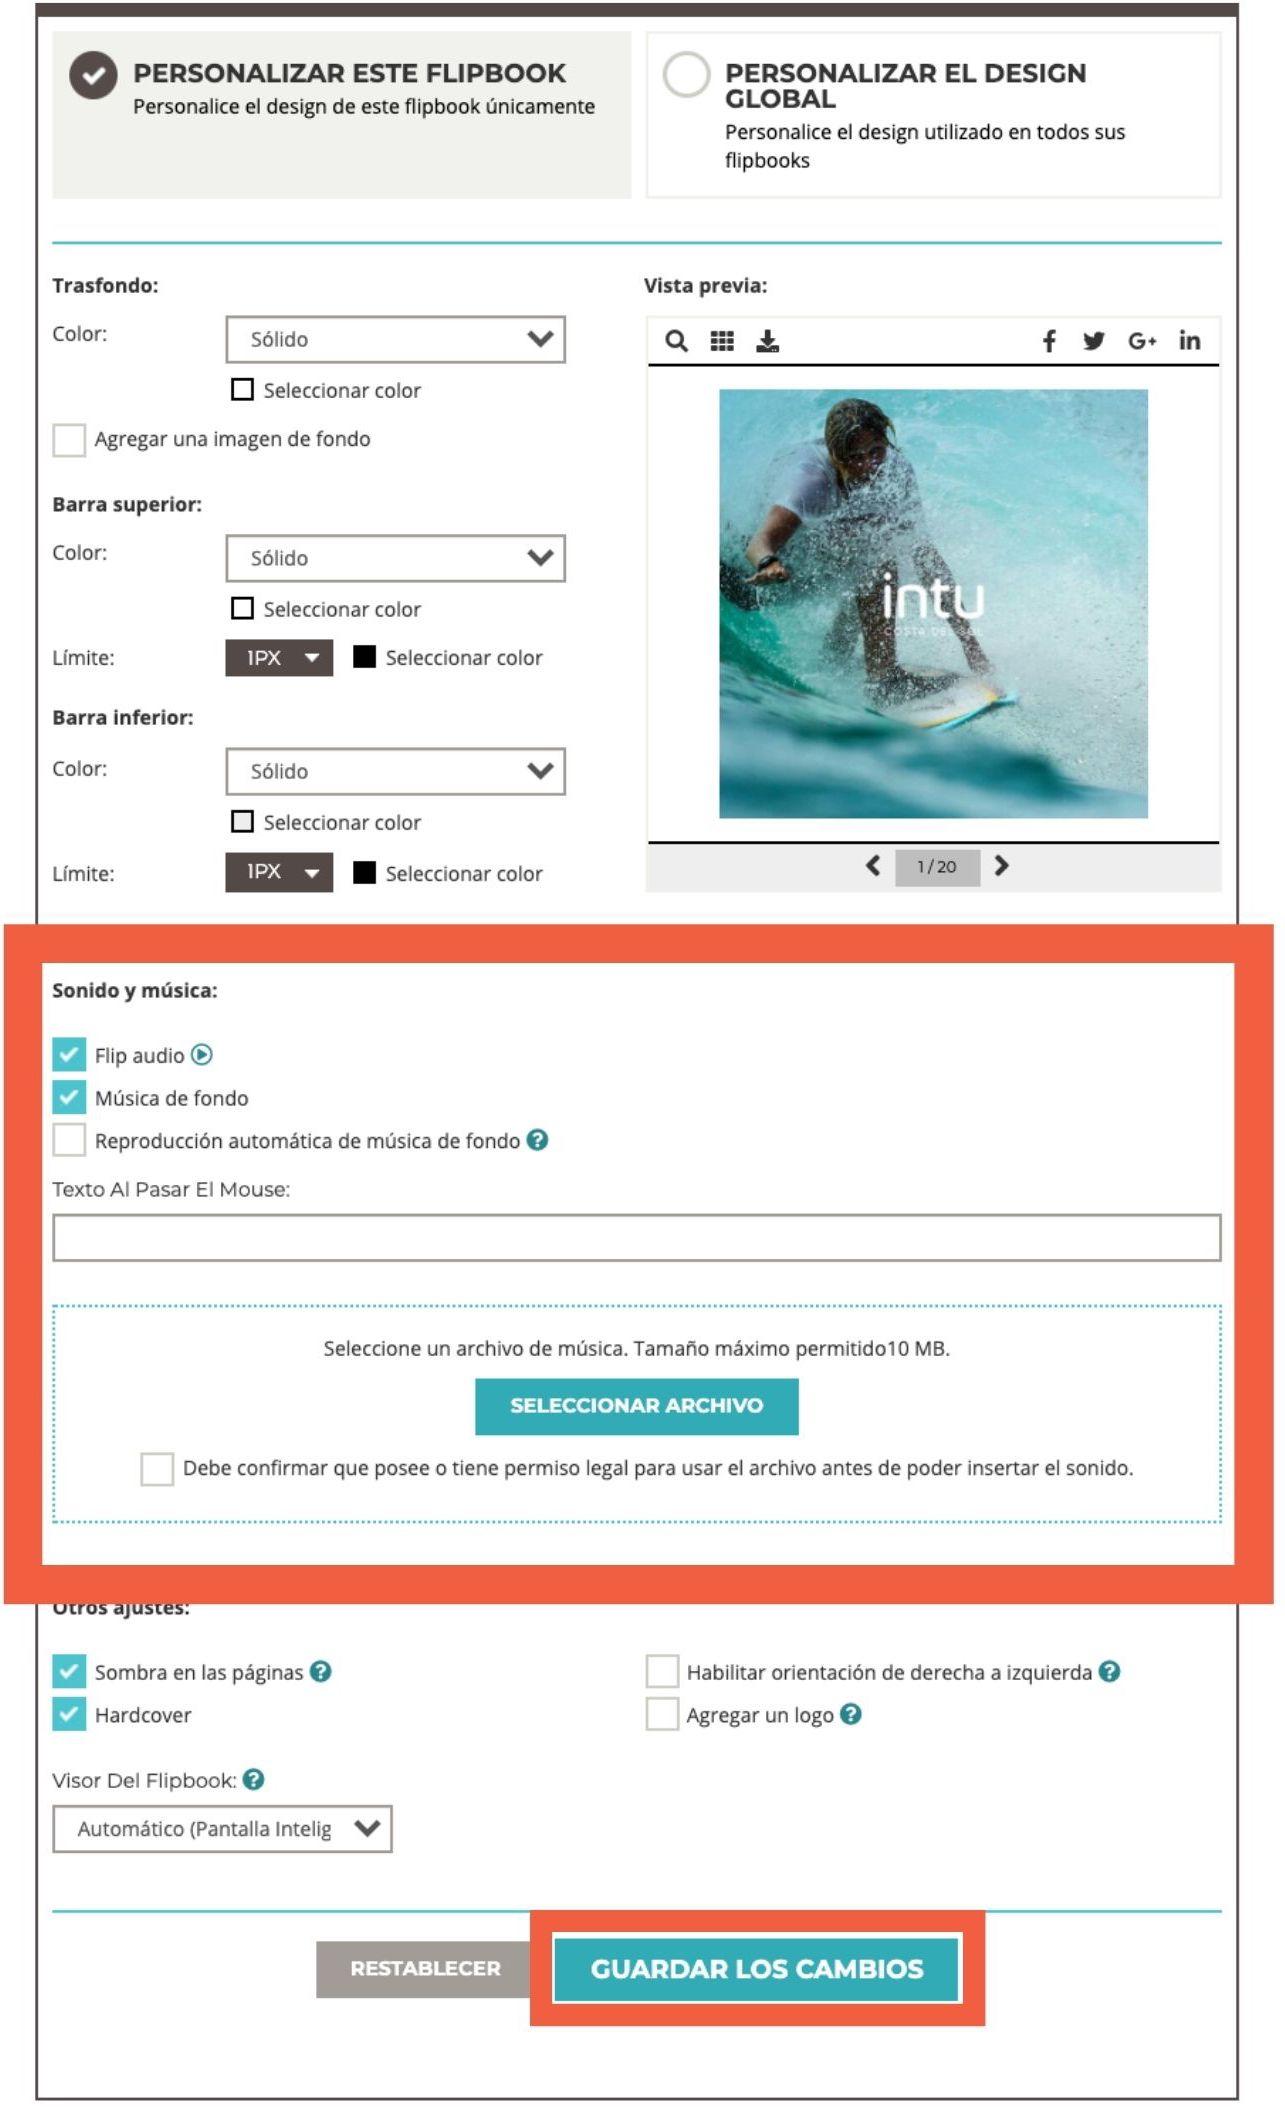 Captura de pantalla que muestra las opciones al agregar música de fondo a su flipbook (cargar archiv